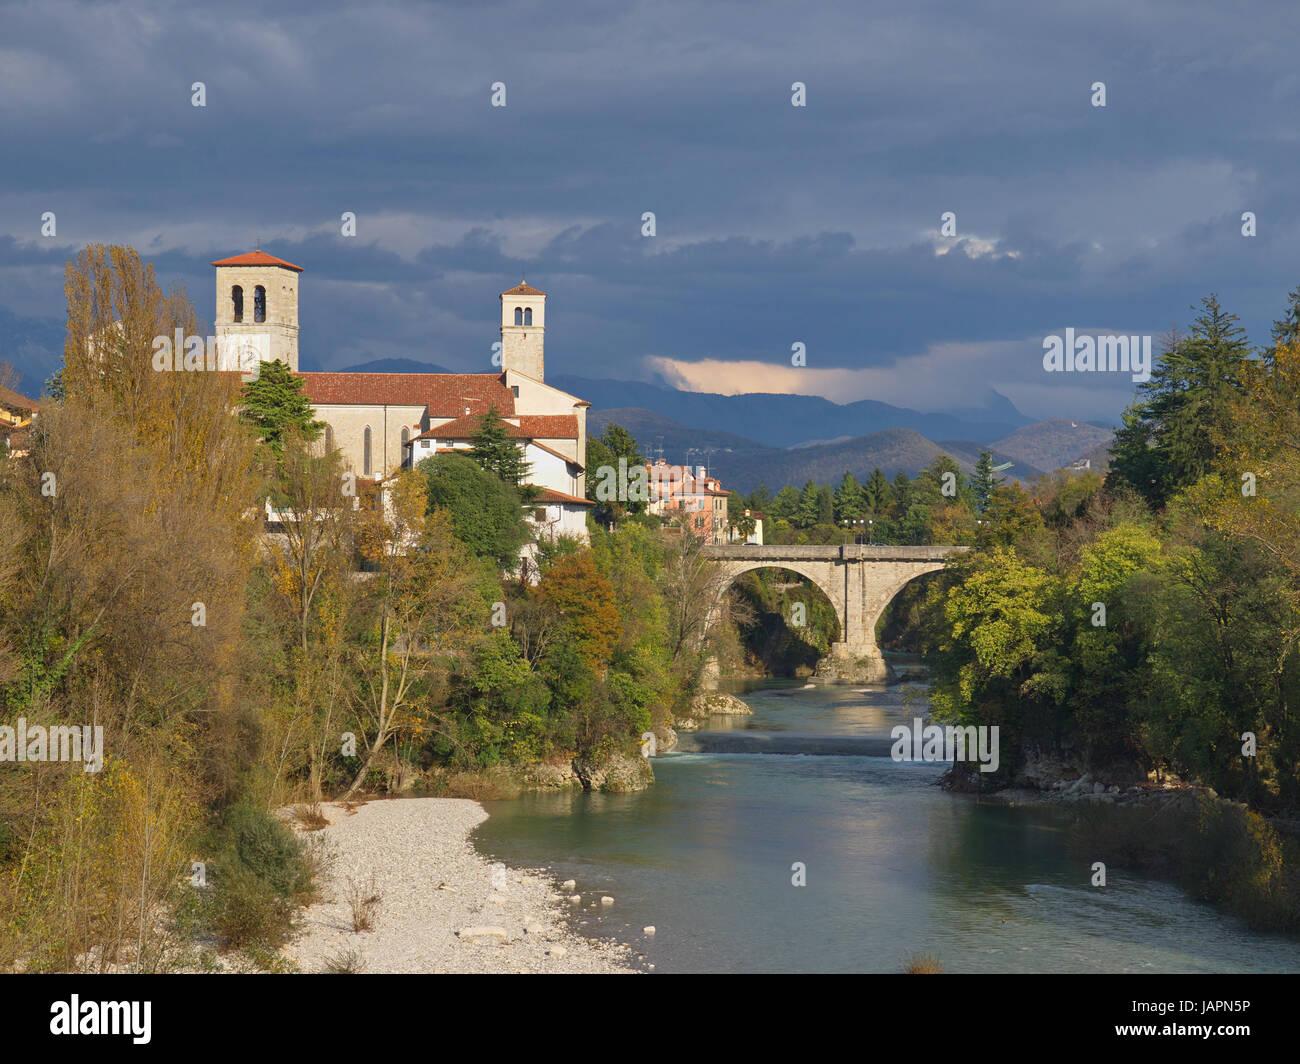 Cividale avec pont du diable sur l'ud (Frioul / Italie) Banque D'Images